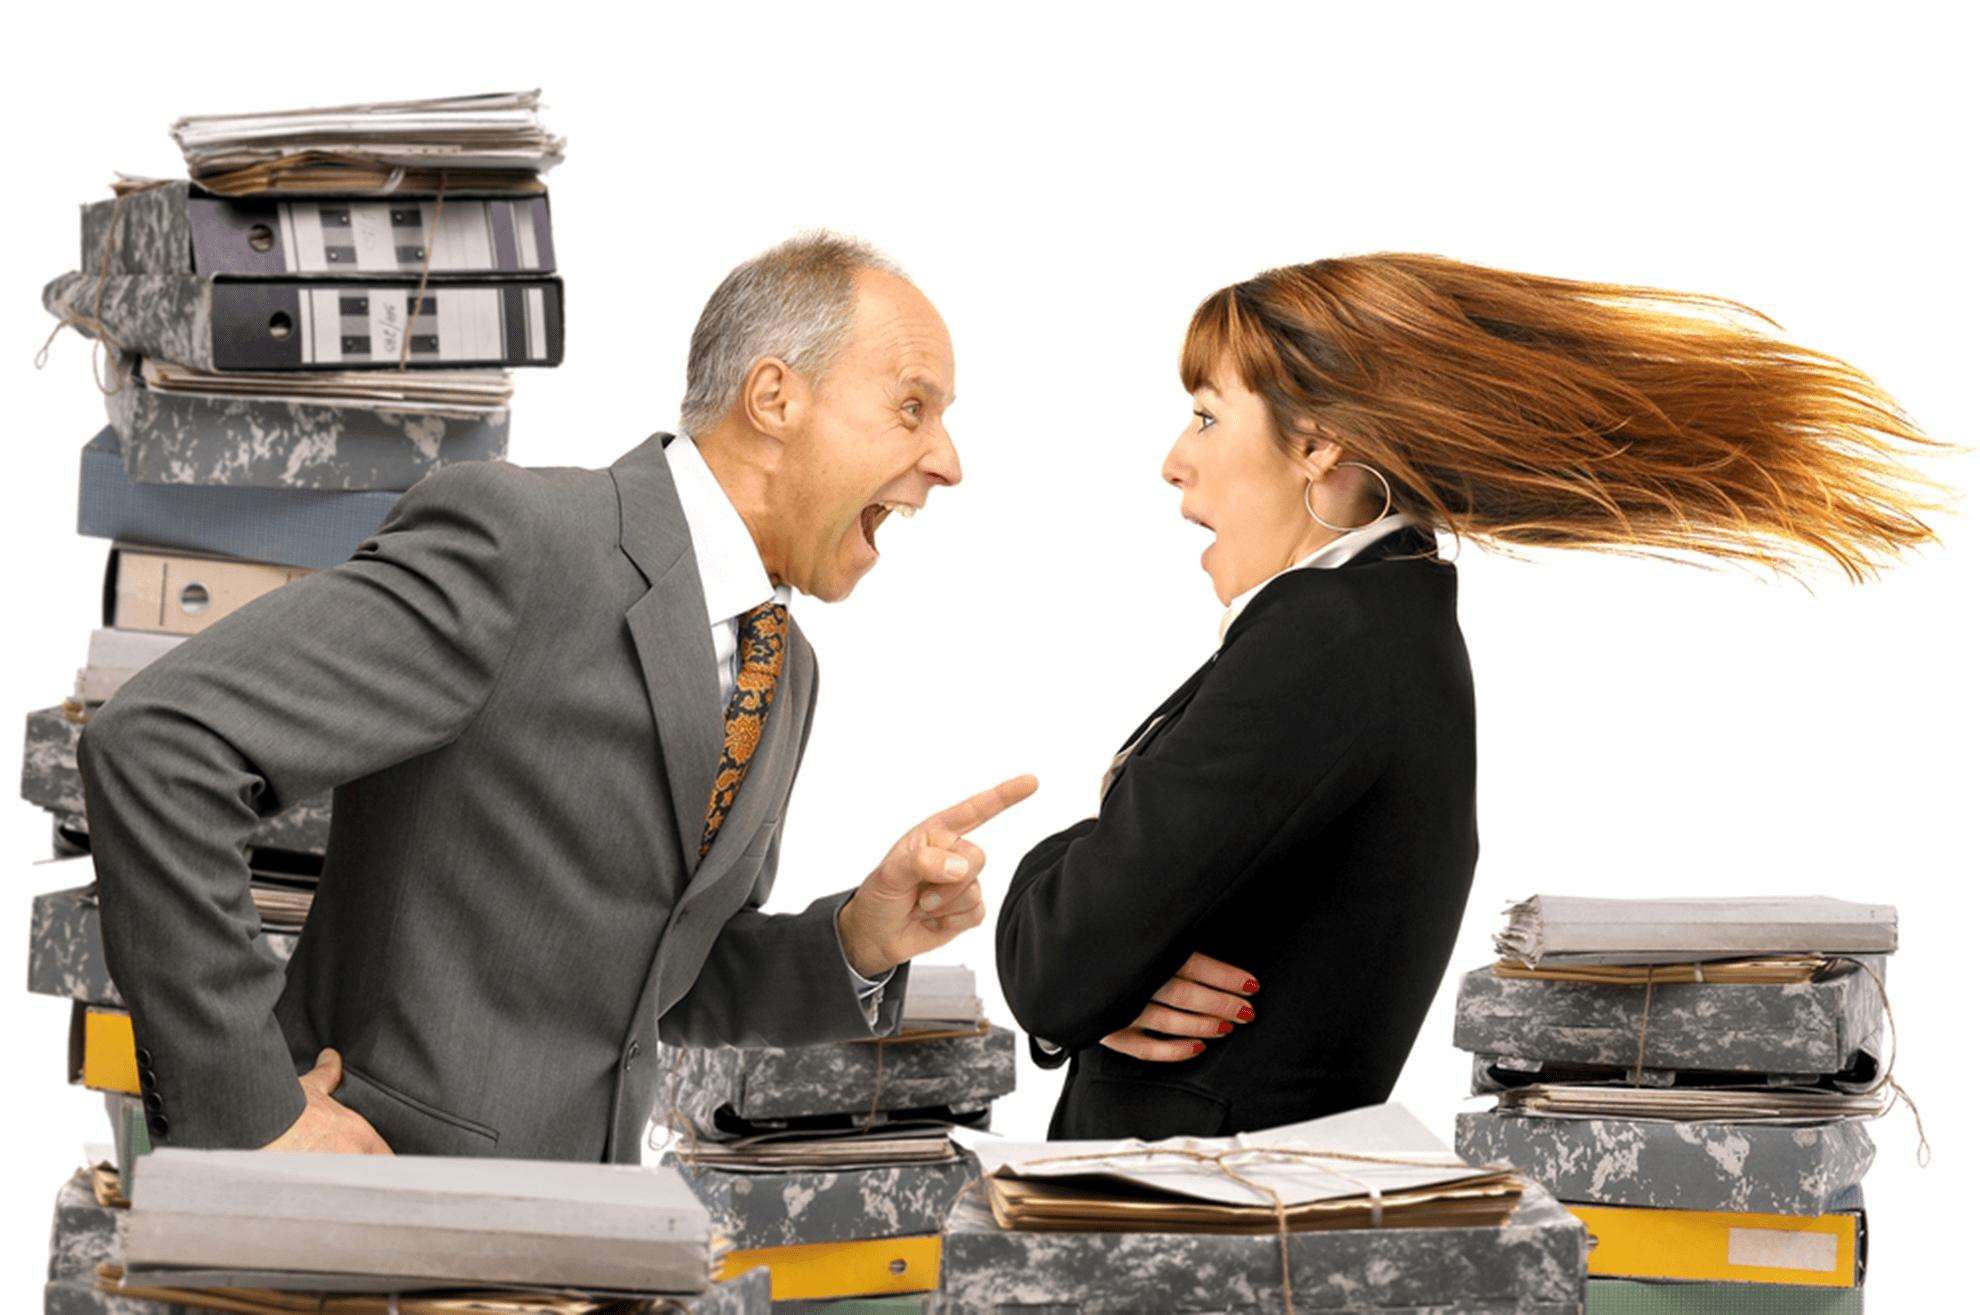 6 câu nói nhà quản lý tránh dùng cho nhân viên